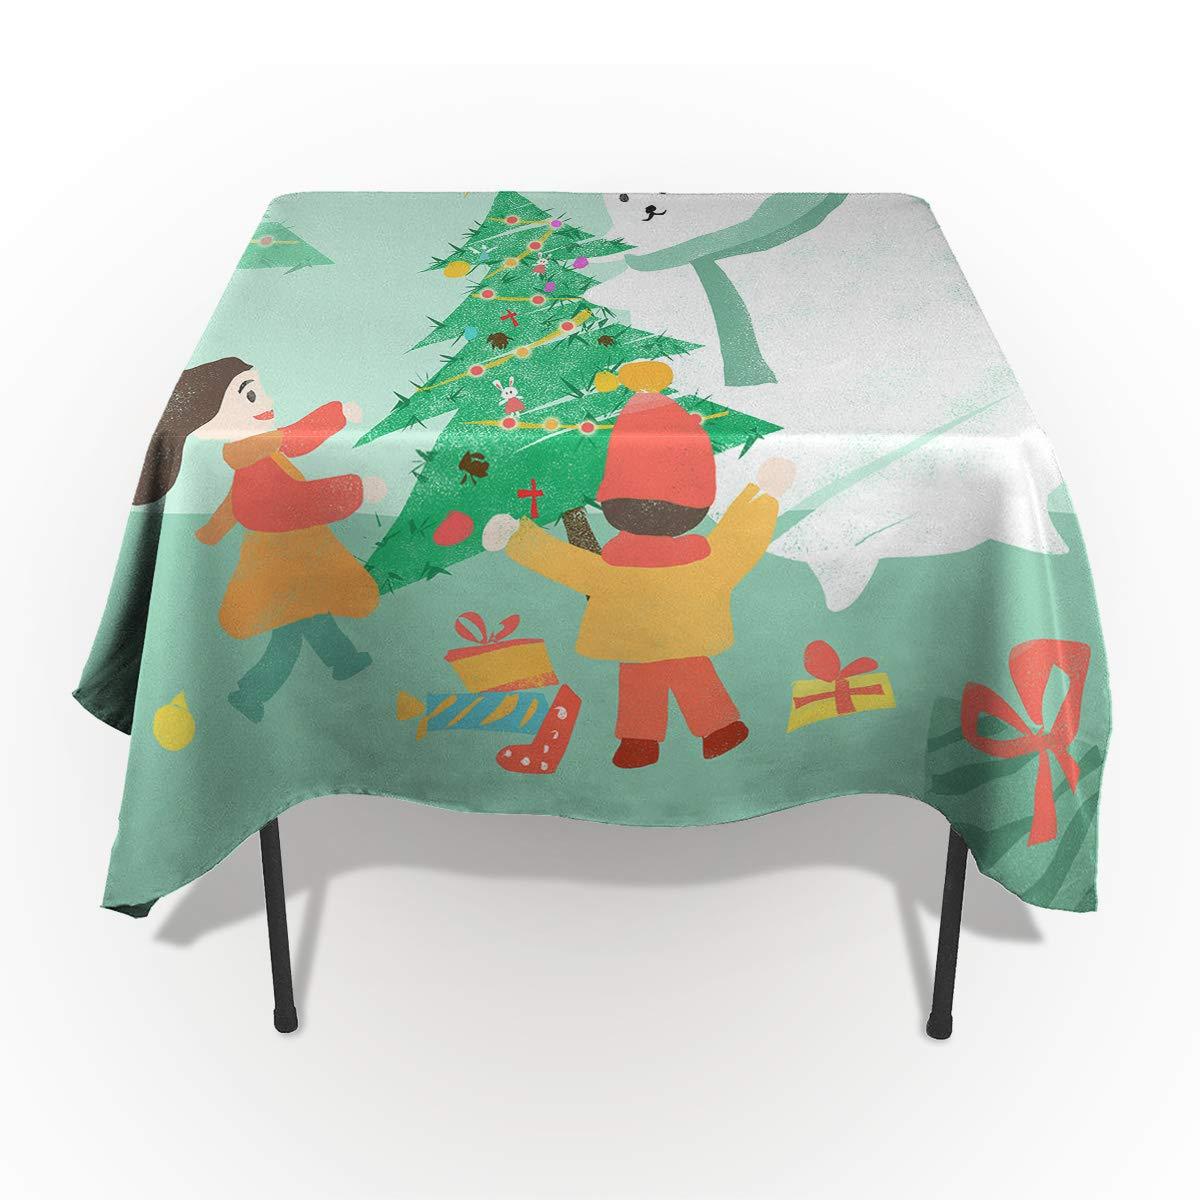 Edwiinsa テーブルクロス 流出防止 洗濯可能 布製 クリスマス クリスマス 雪の結晶 トナカイ テーブルカバー ダイニングビュッフェ テーブルパーティー ピクニックテーブル用 長方形/長方形 54 x 120 In WSJ-181113-zbuXmas-SWTQ00380ZBAGEDA 54 x 120 In Snowmangifteda4991 B07L8HJZ68